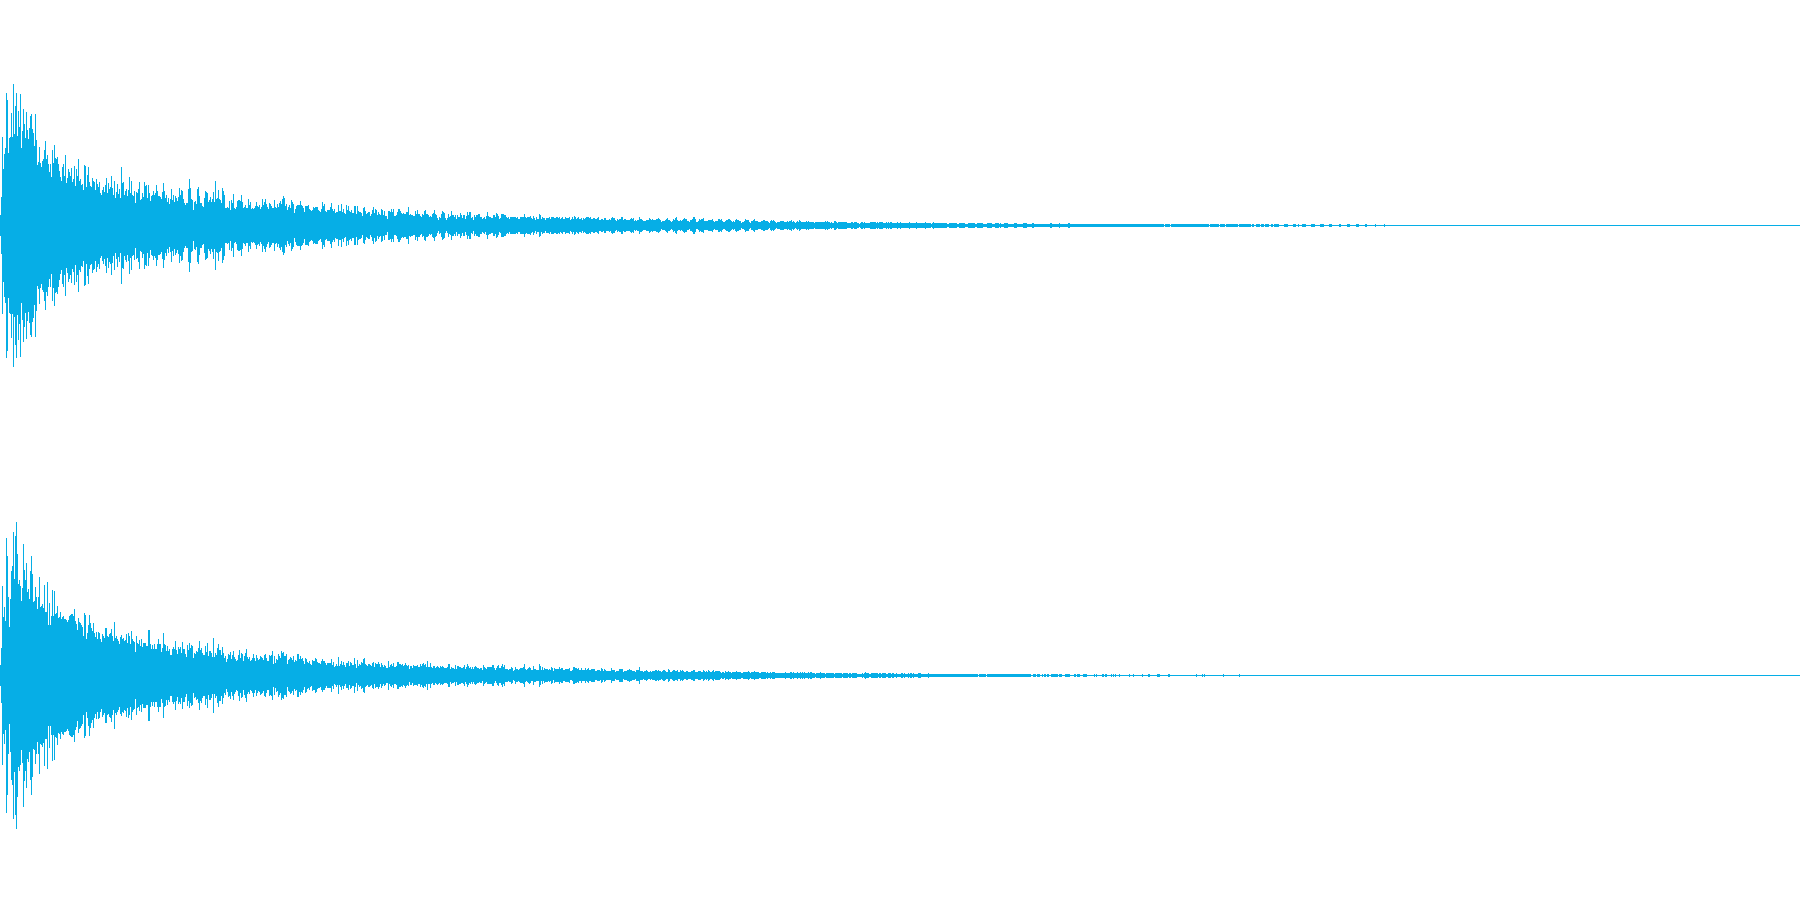 ティンパニーとシンバル☆ドン!1の再生済みの波形